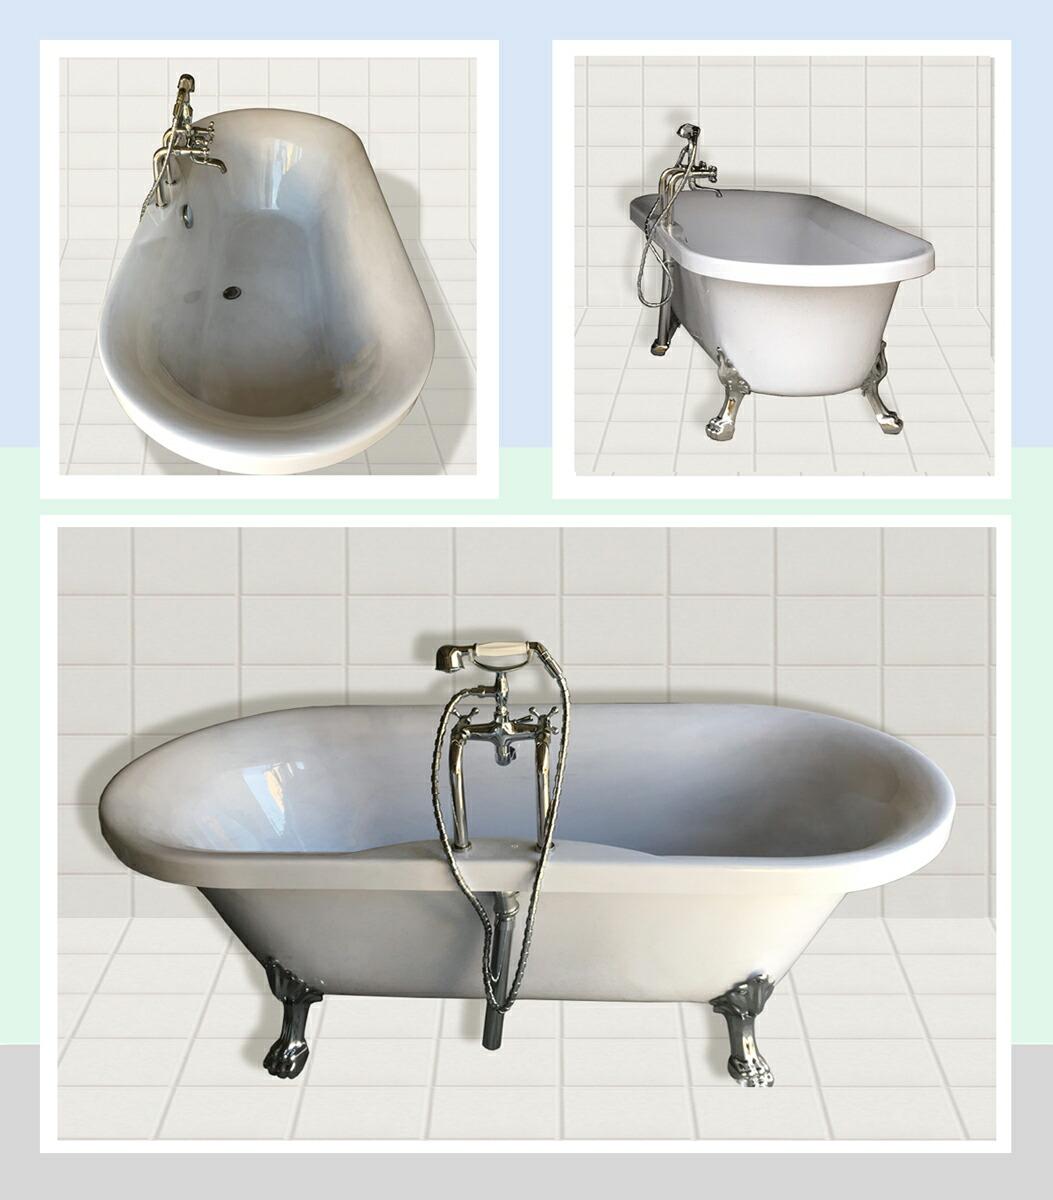 激安!エレガントバスタブ 猫足バスタブ、お風呂、ユニットバス、浴槽